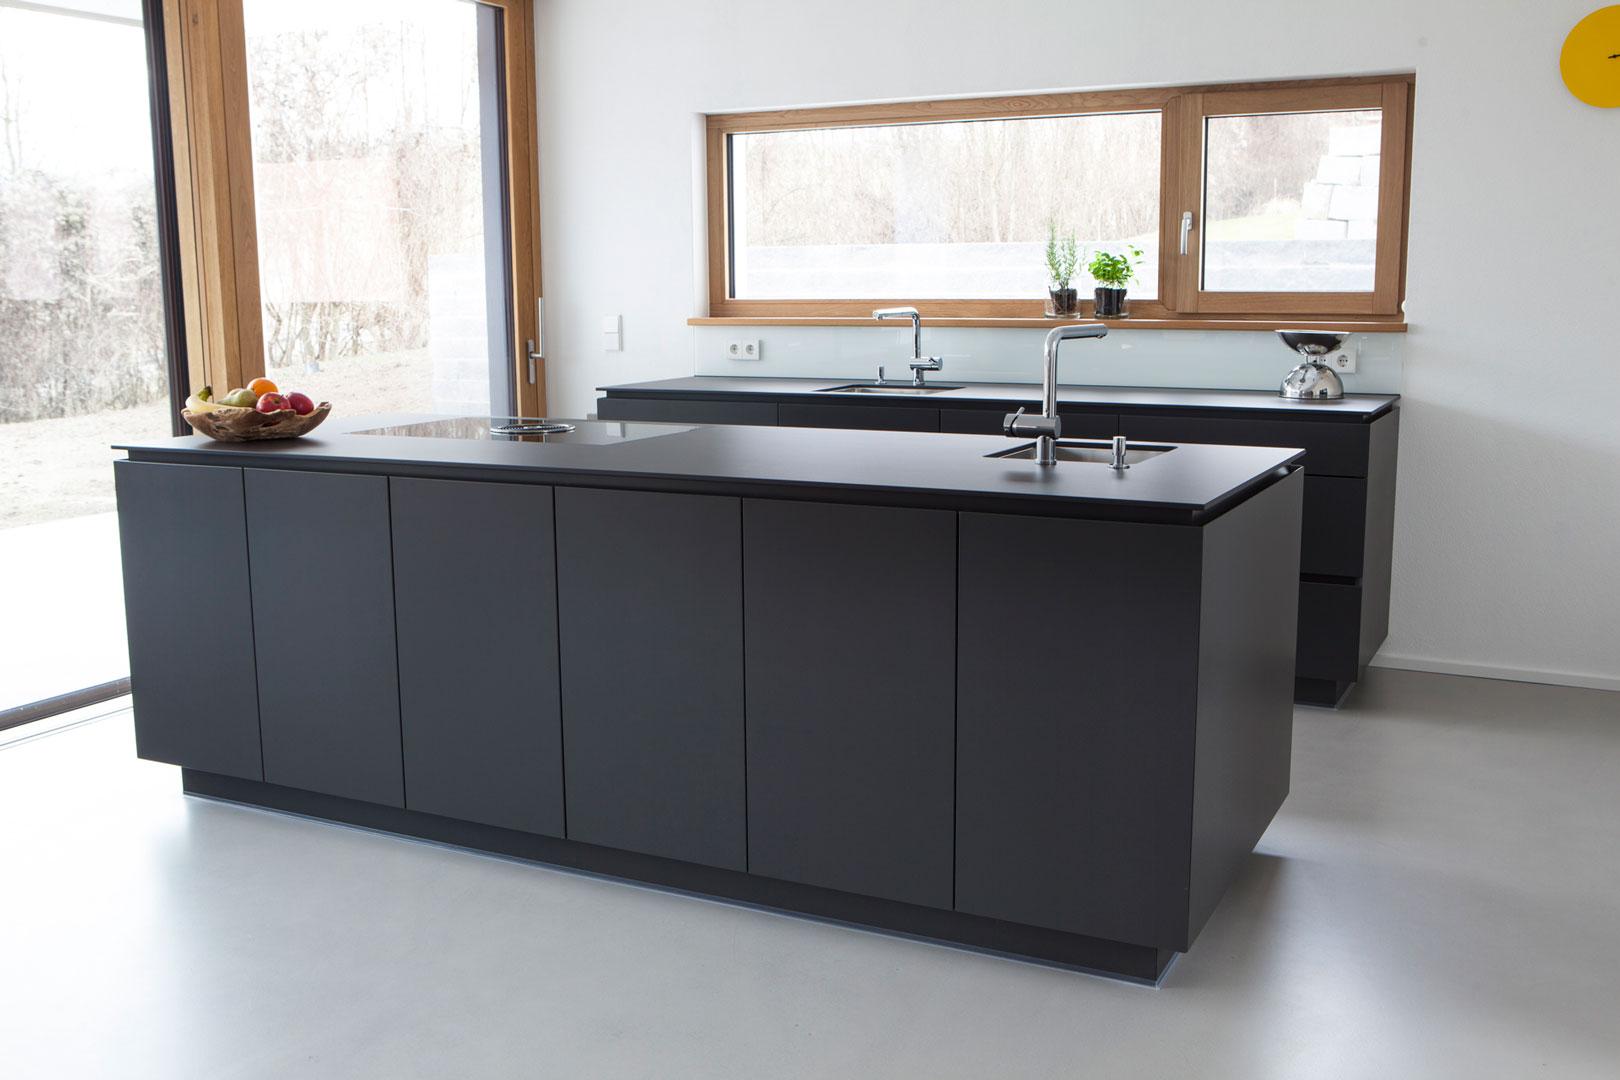 anthrazit kuche. Black Bedroom Furniture Sets. Home Design Ideas